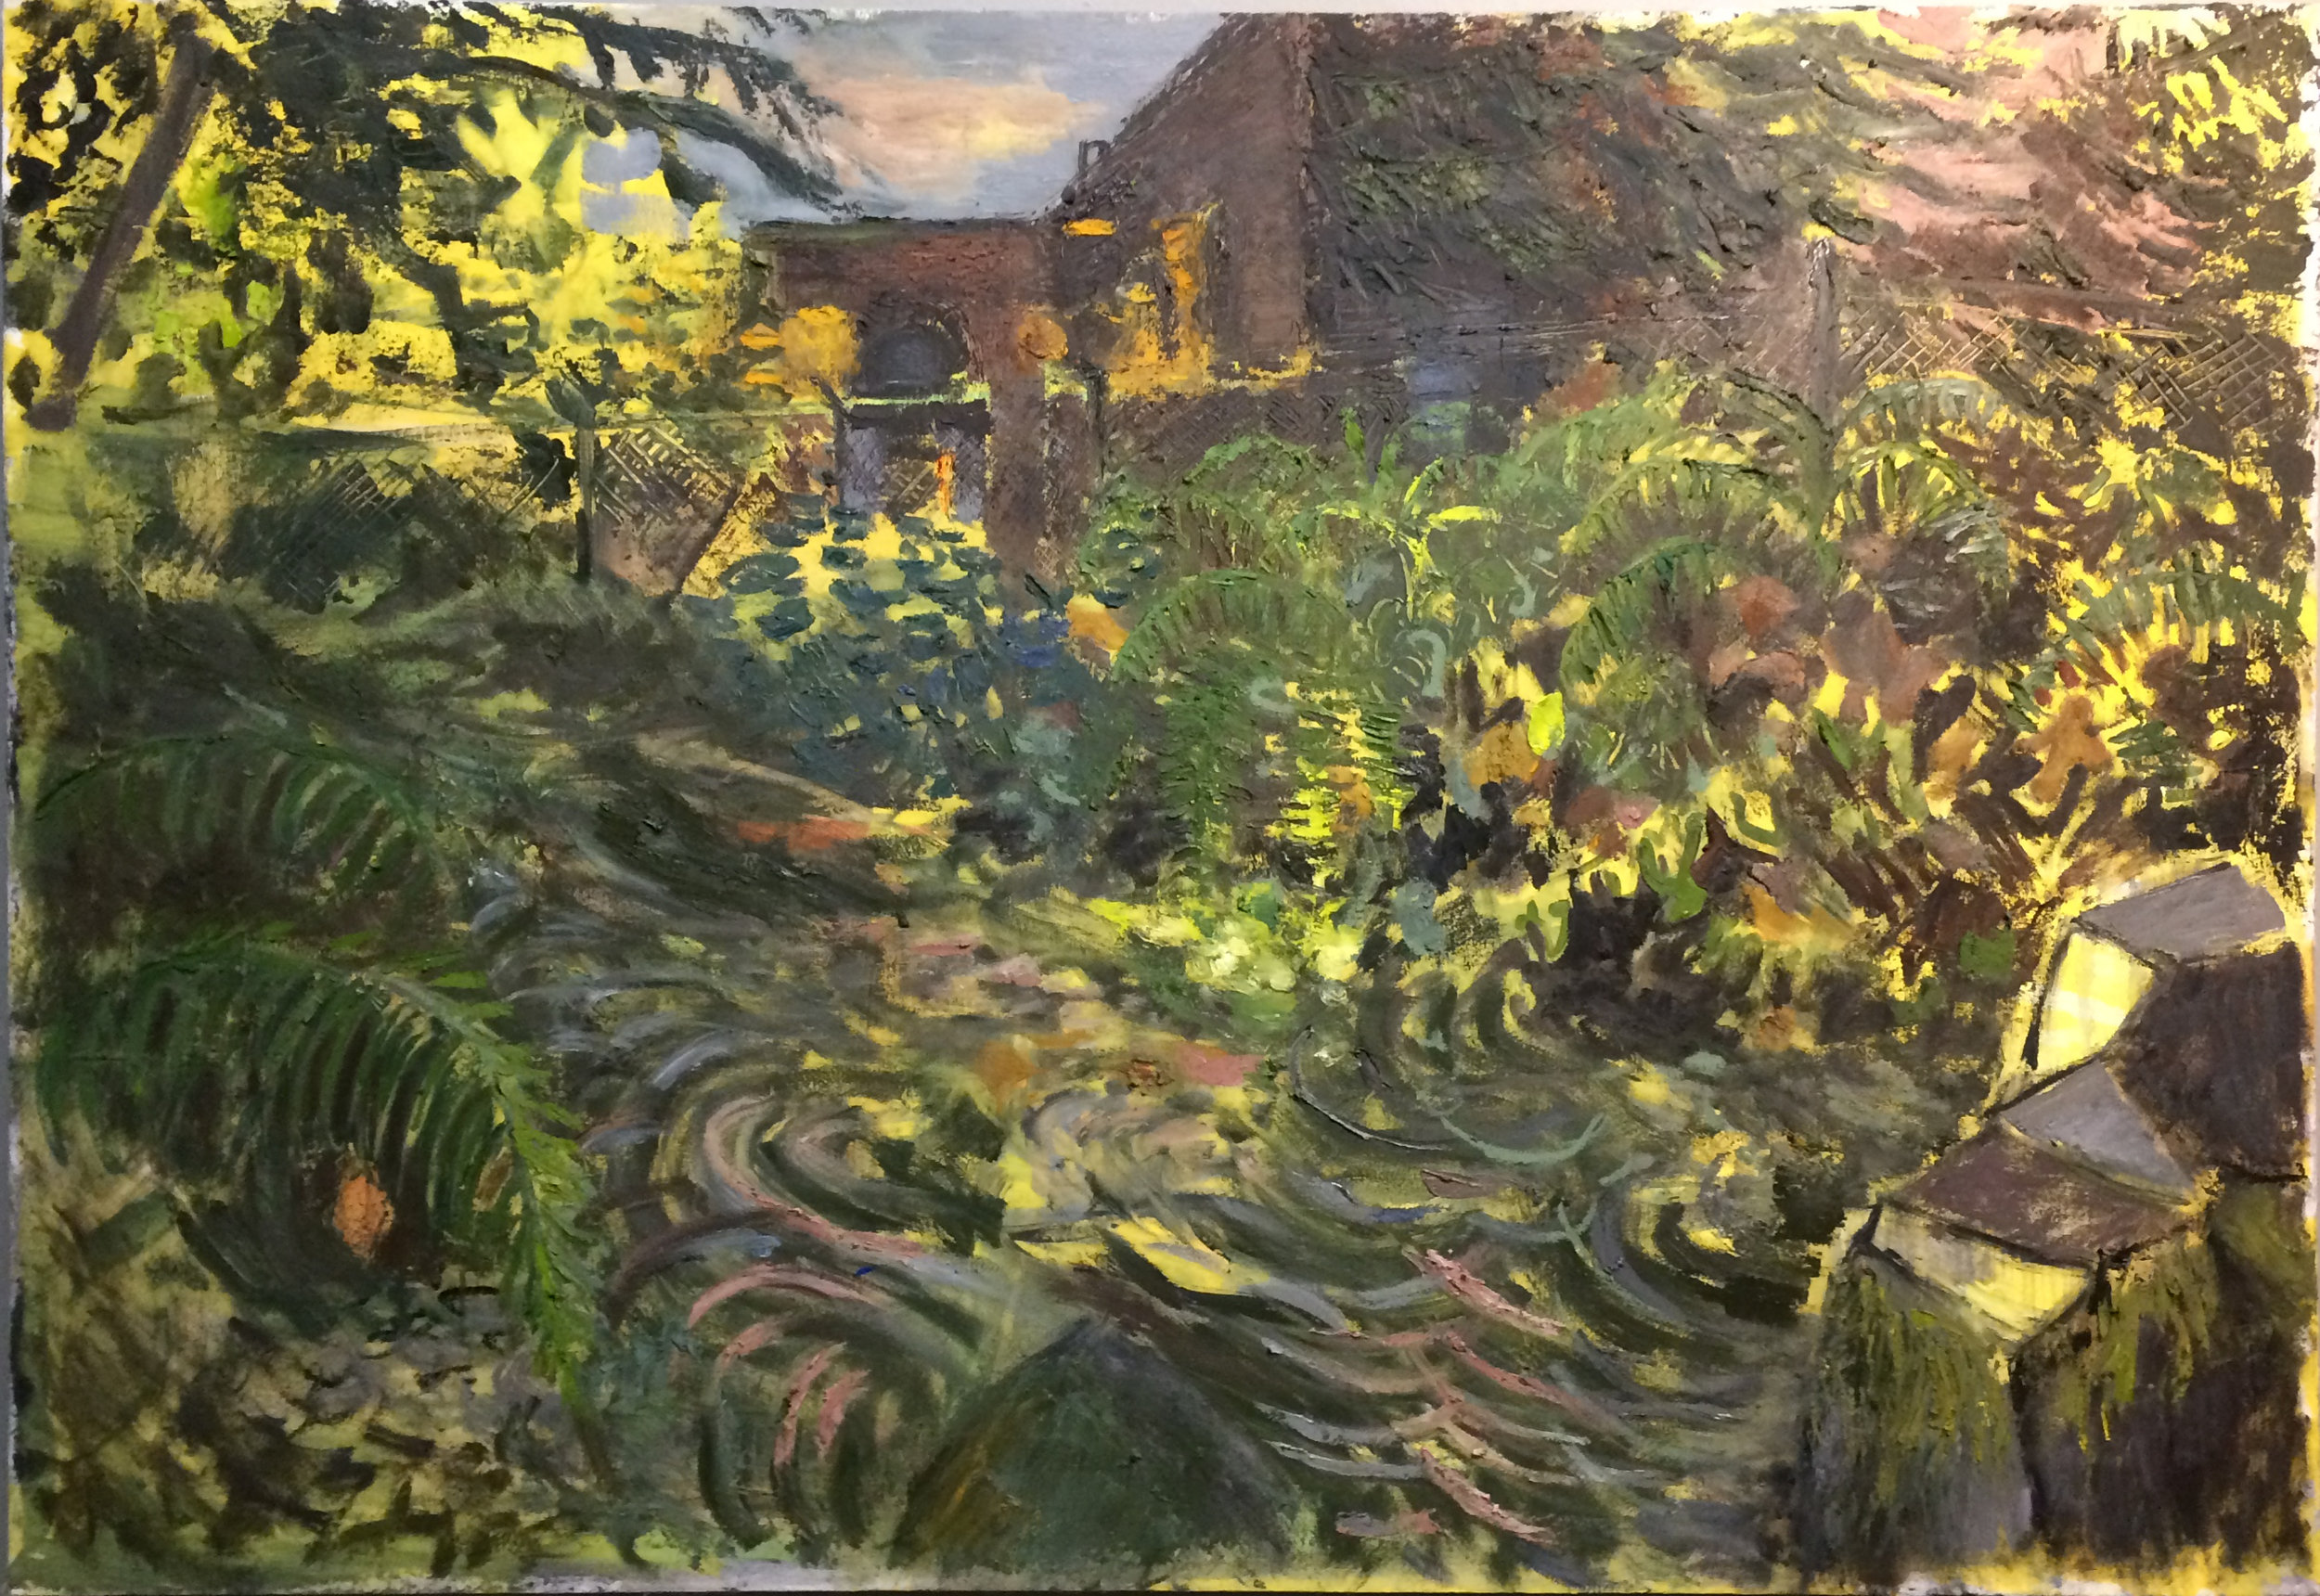 Rock Sanctuary, oil on canvas, 2017